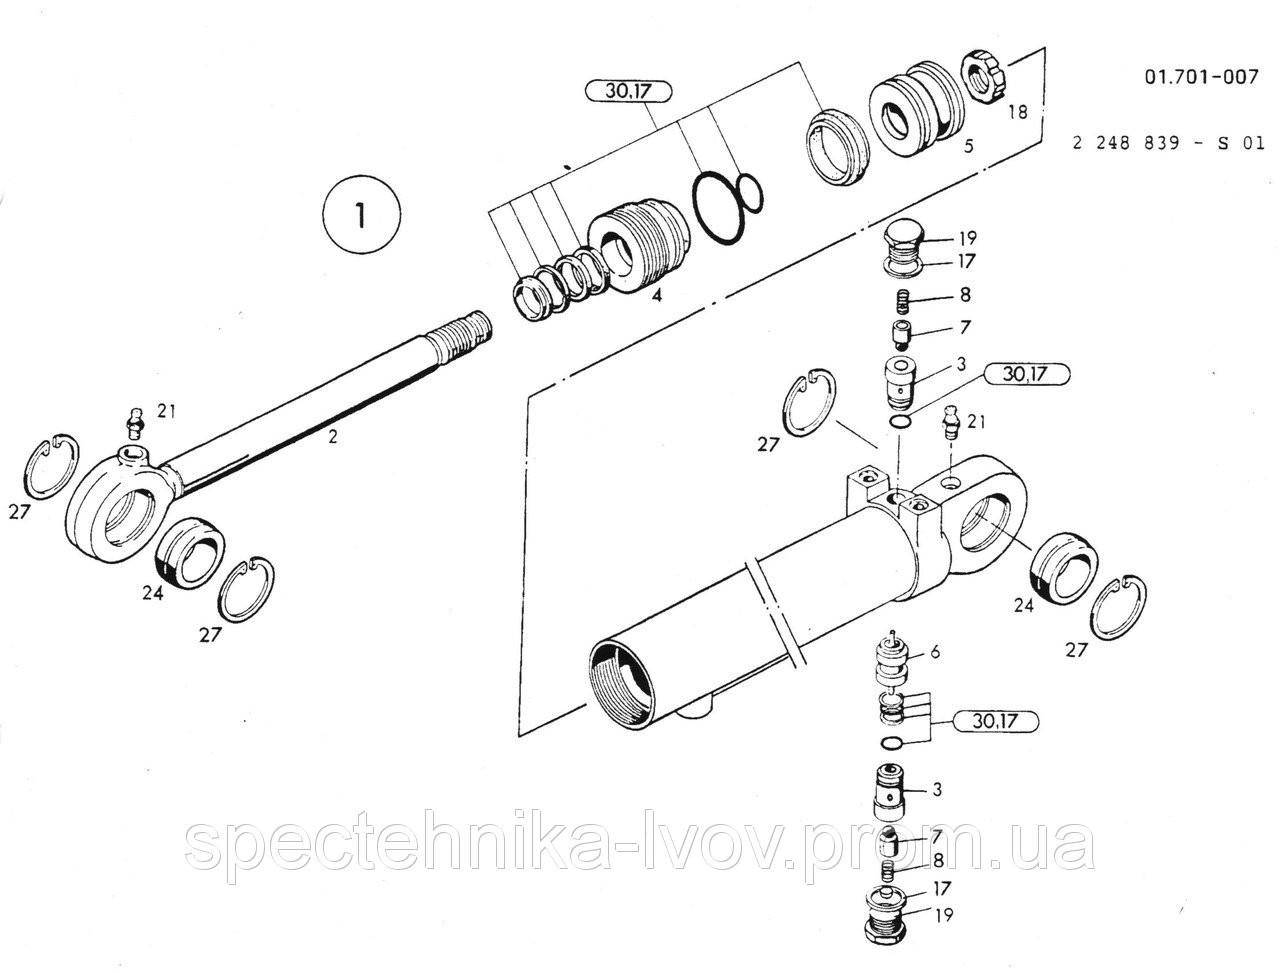 1462679 Ремкомплект гидроцилиндра O&K (Orenstein & Koppel) MH 6